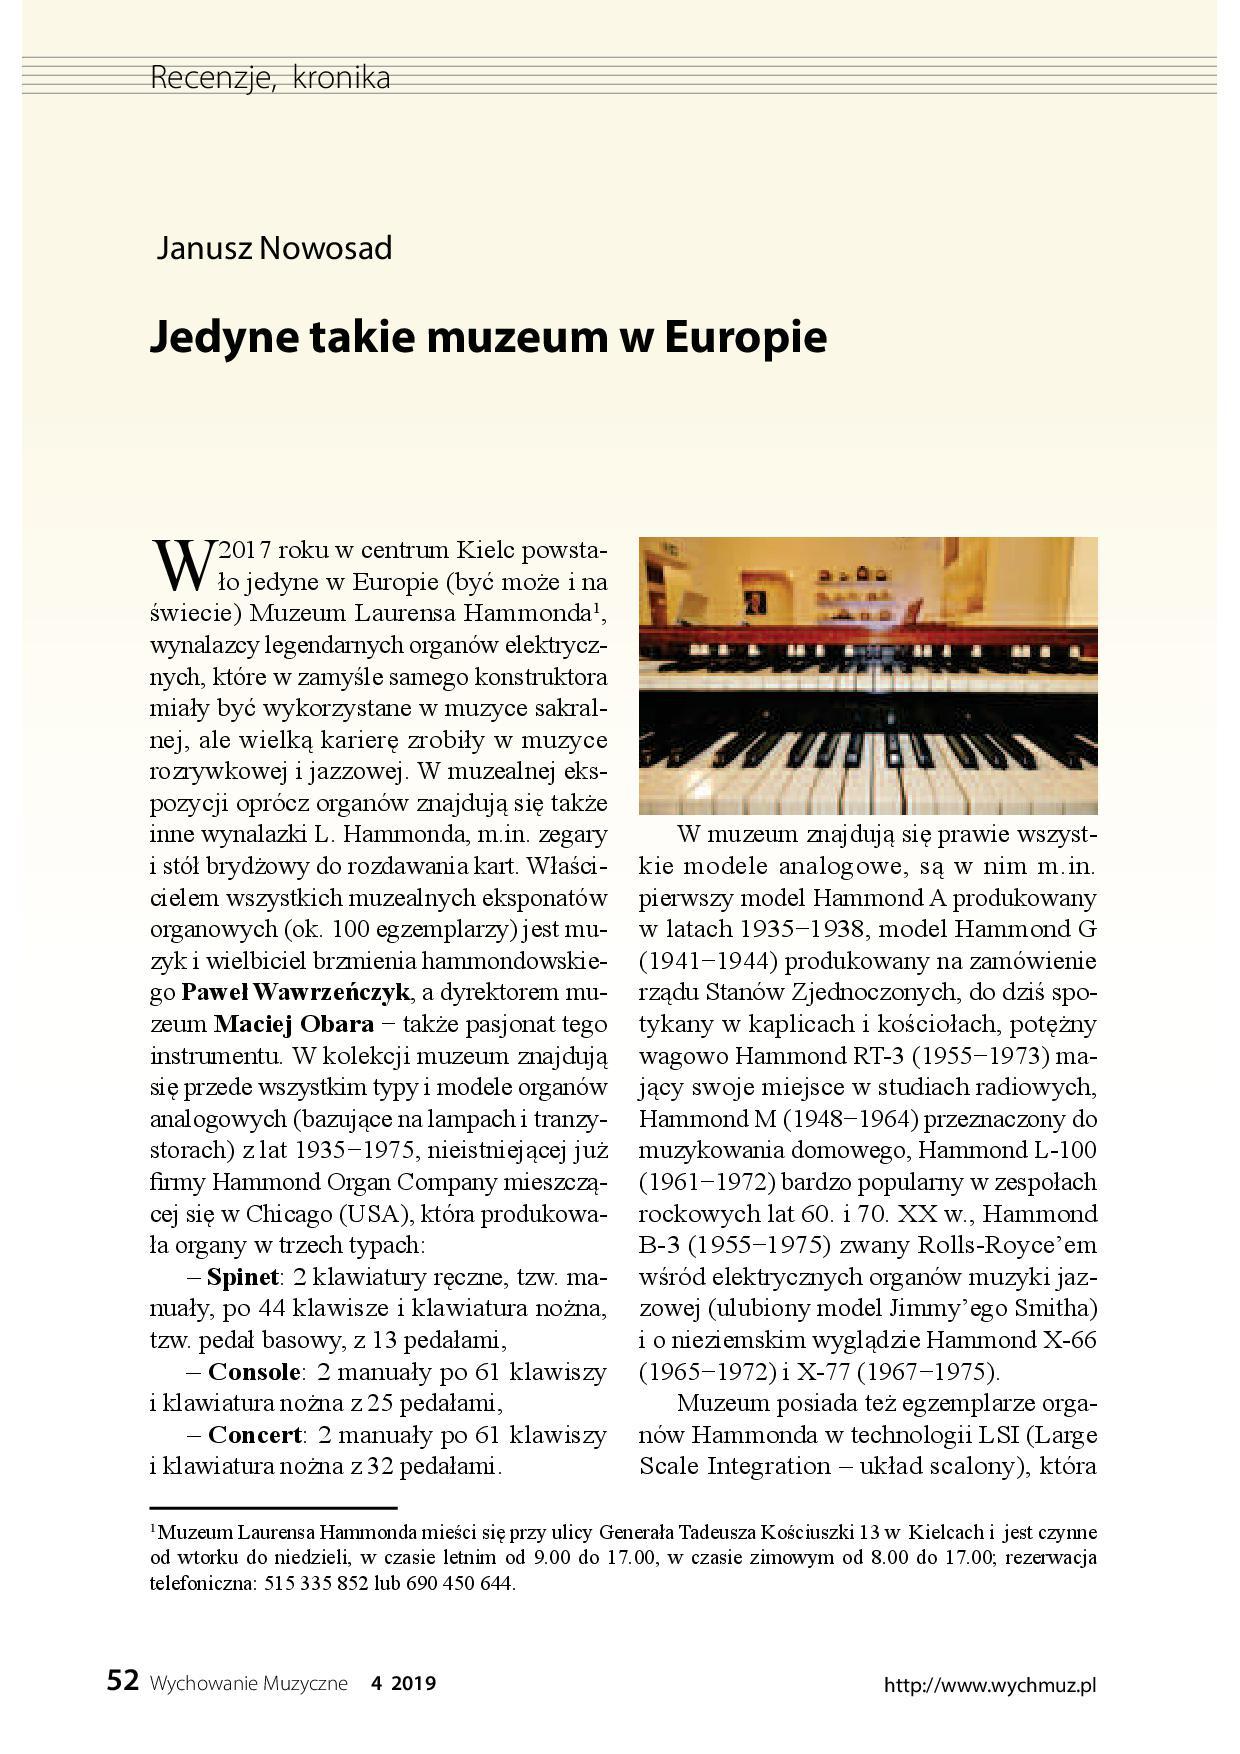 Jedyne takie muzeum w Europie